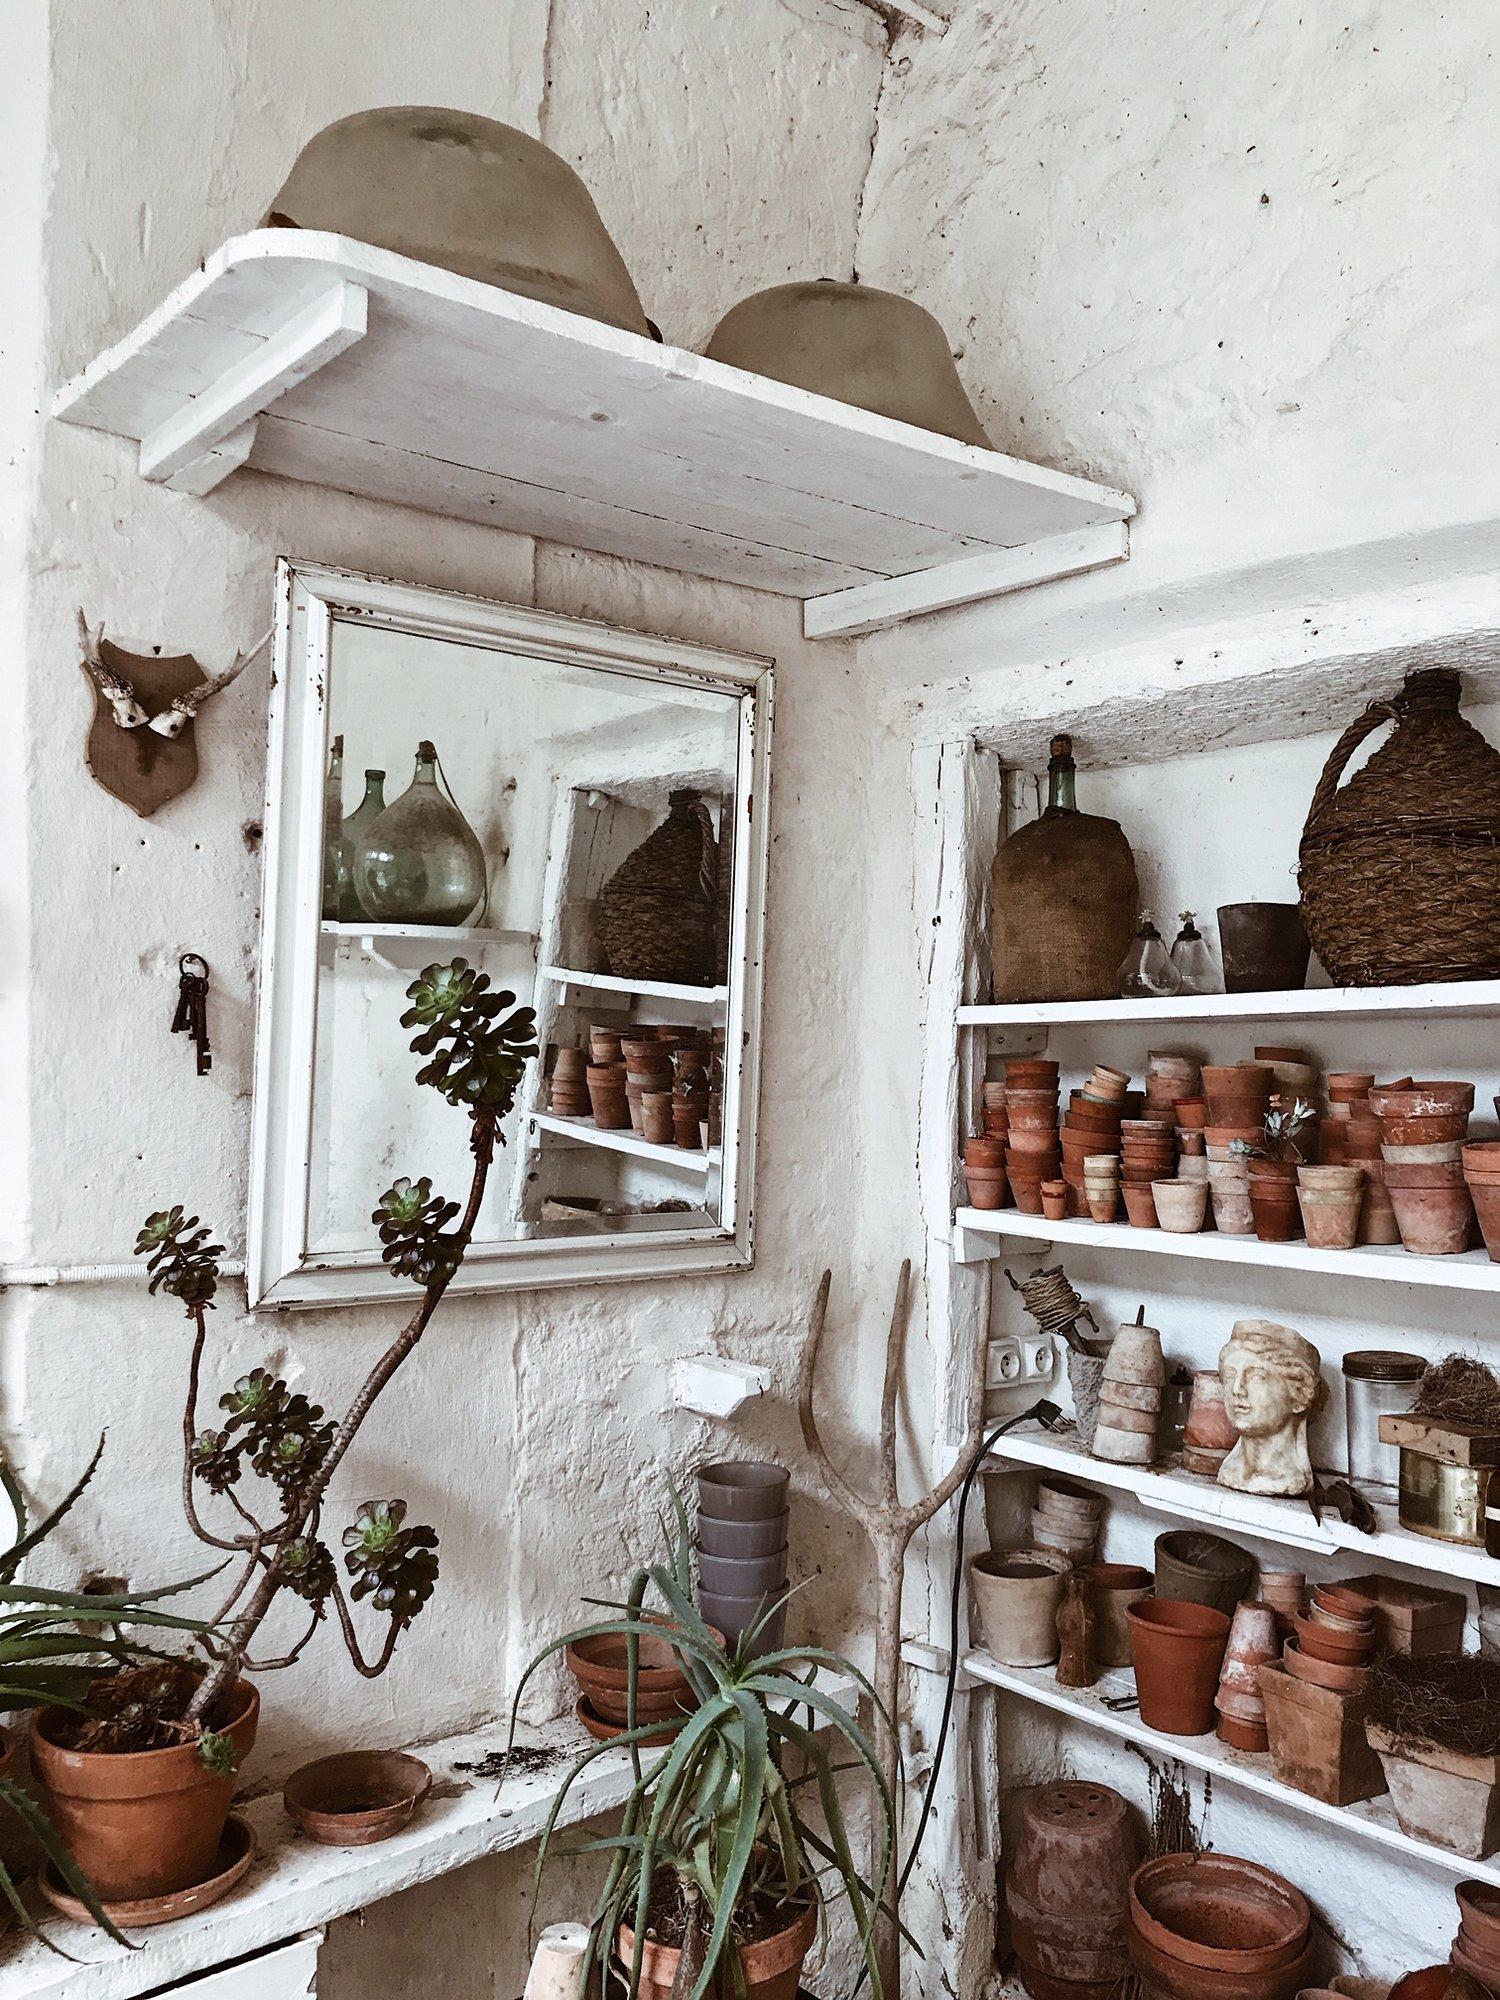 camellas-lloret-maison-d'hotes-greenhouse-shelves-pots.jpg